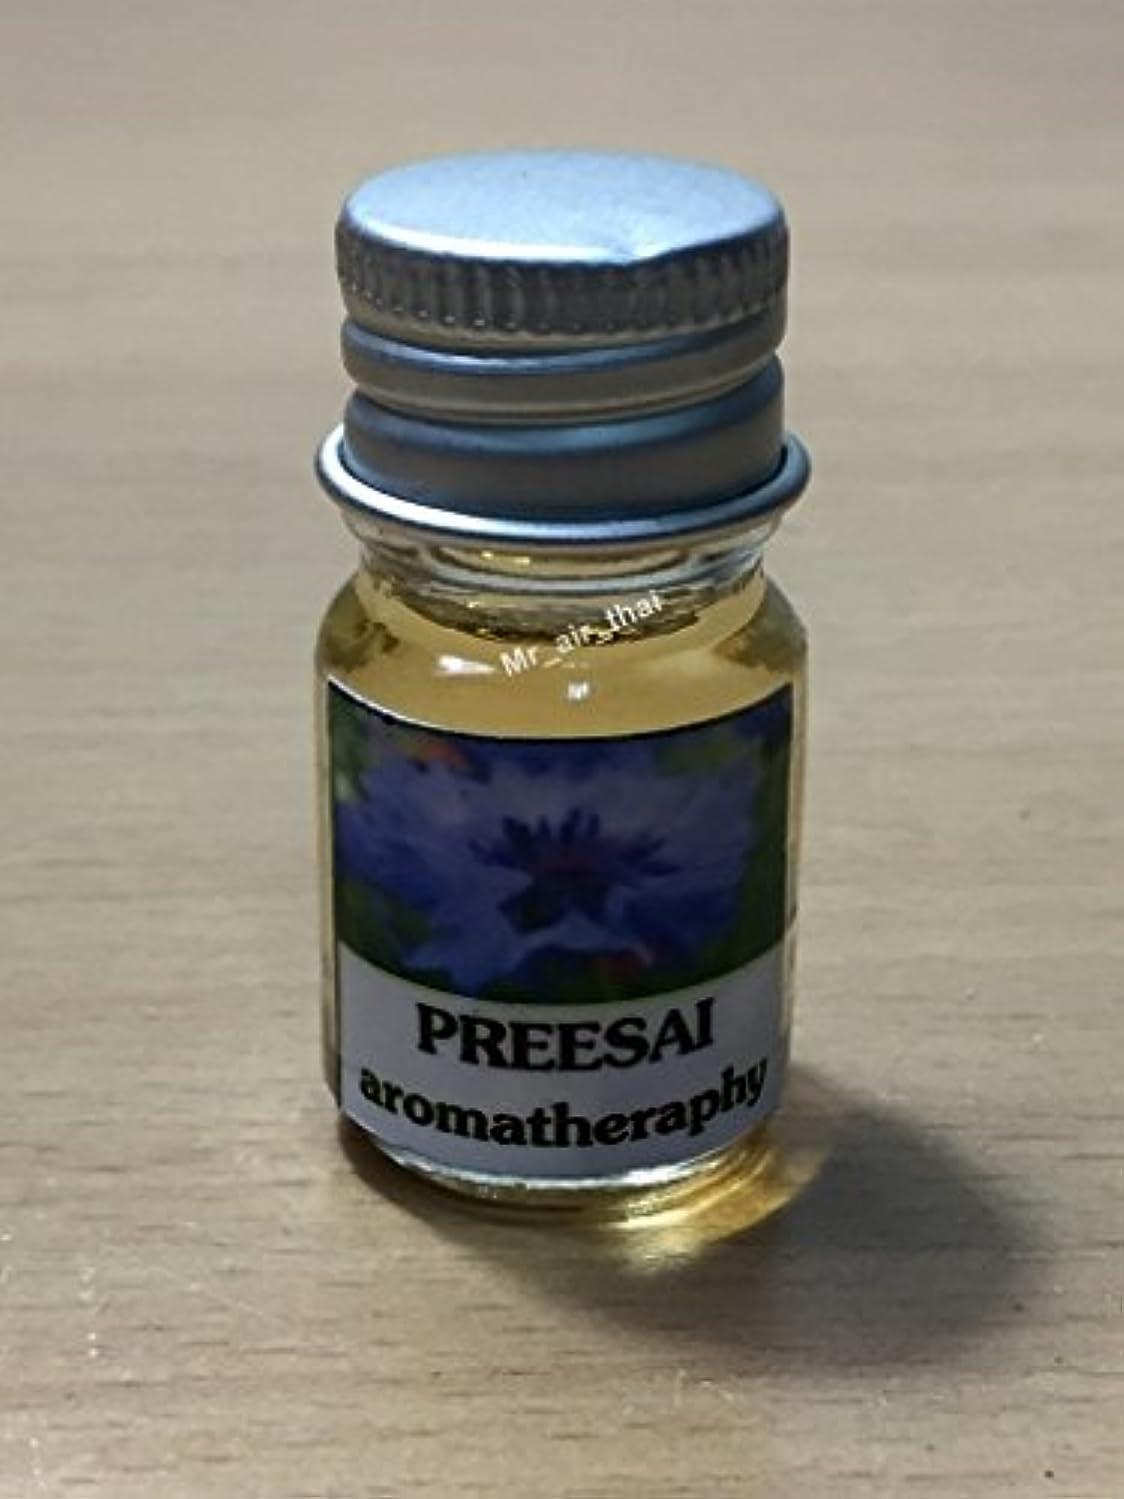 召喚するブラストクスクス5ミリリットルアロマフリージアフランクインセンスエッセンシャルオイルボトルアロマテラピーオイル自然自然5ml Aroma freesia Frankincense Essential Oil Bottles Aromatherapy...